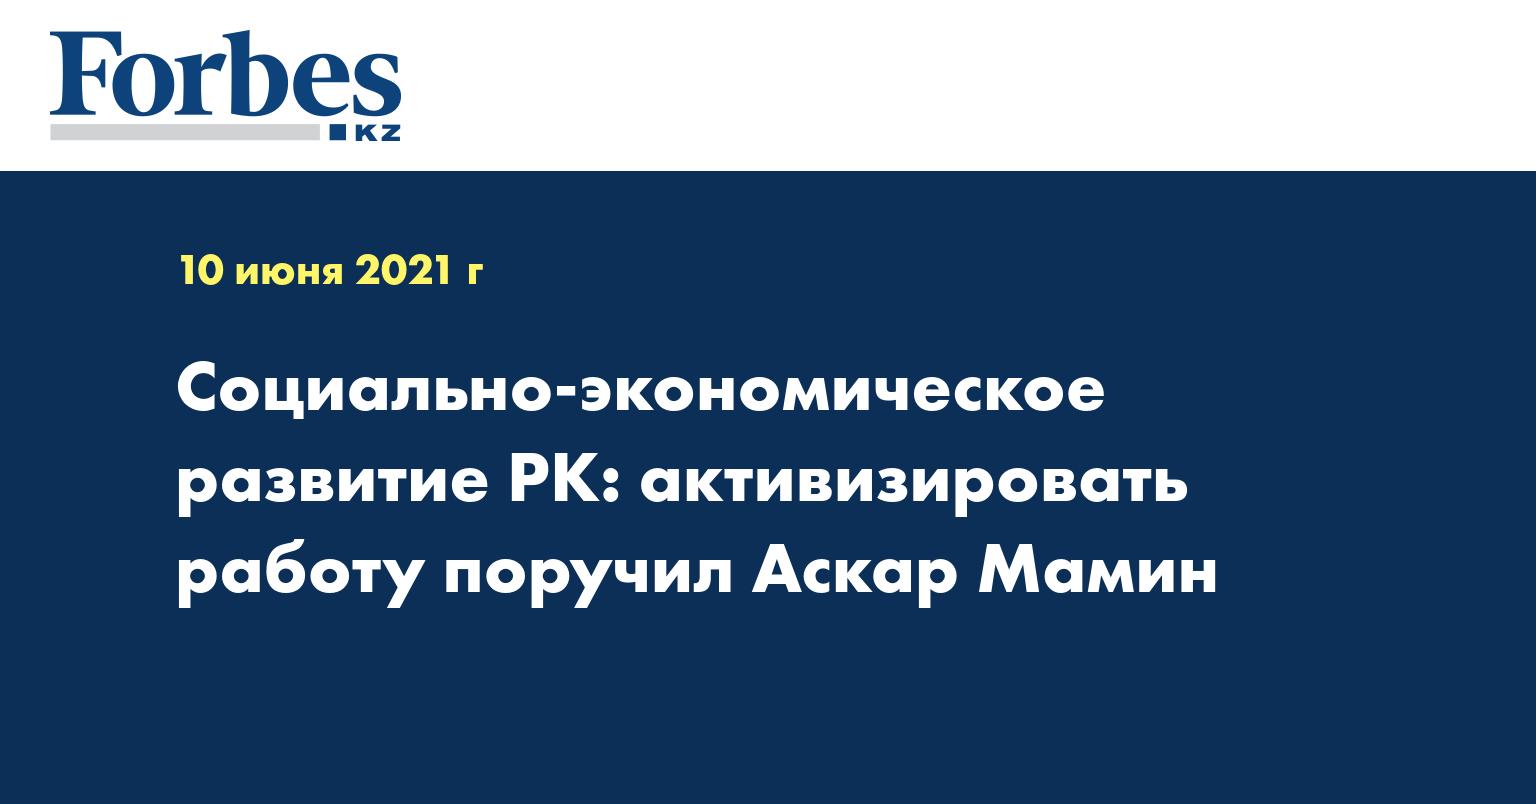 Социально-экономическое развитие РК: активизировать работу поручил Аскар Мамин